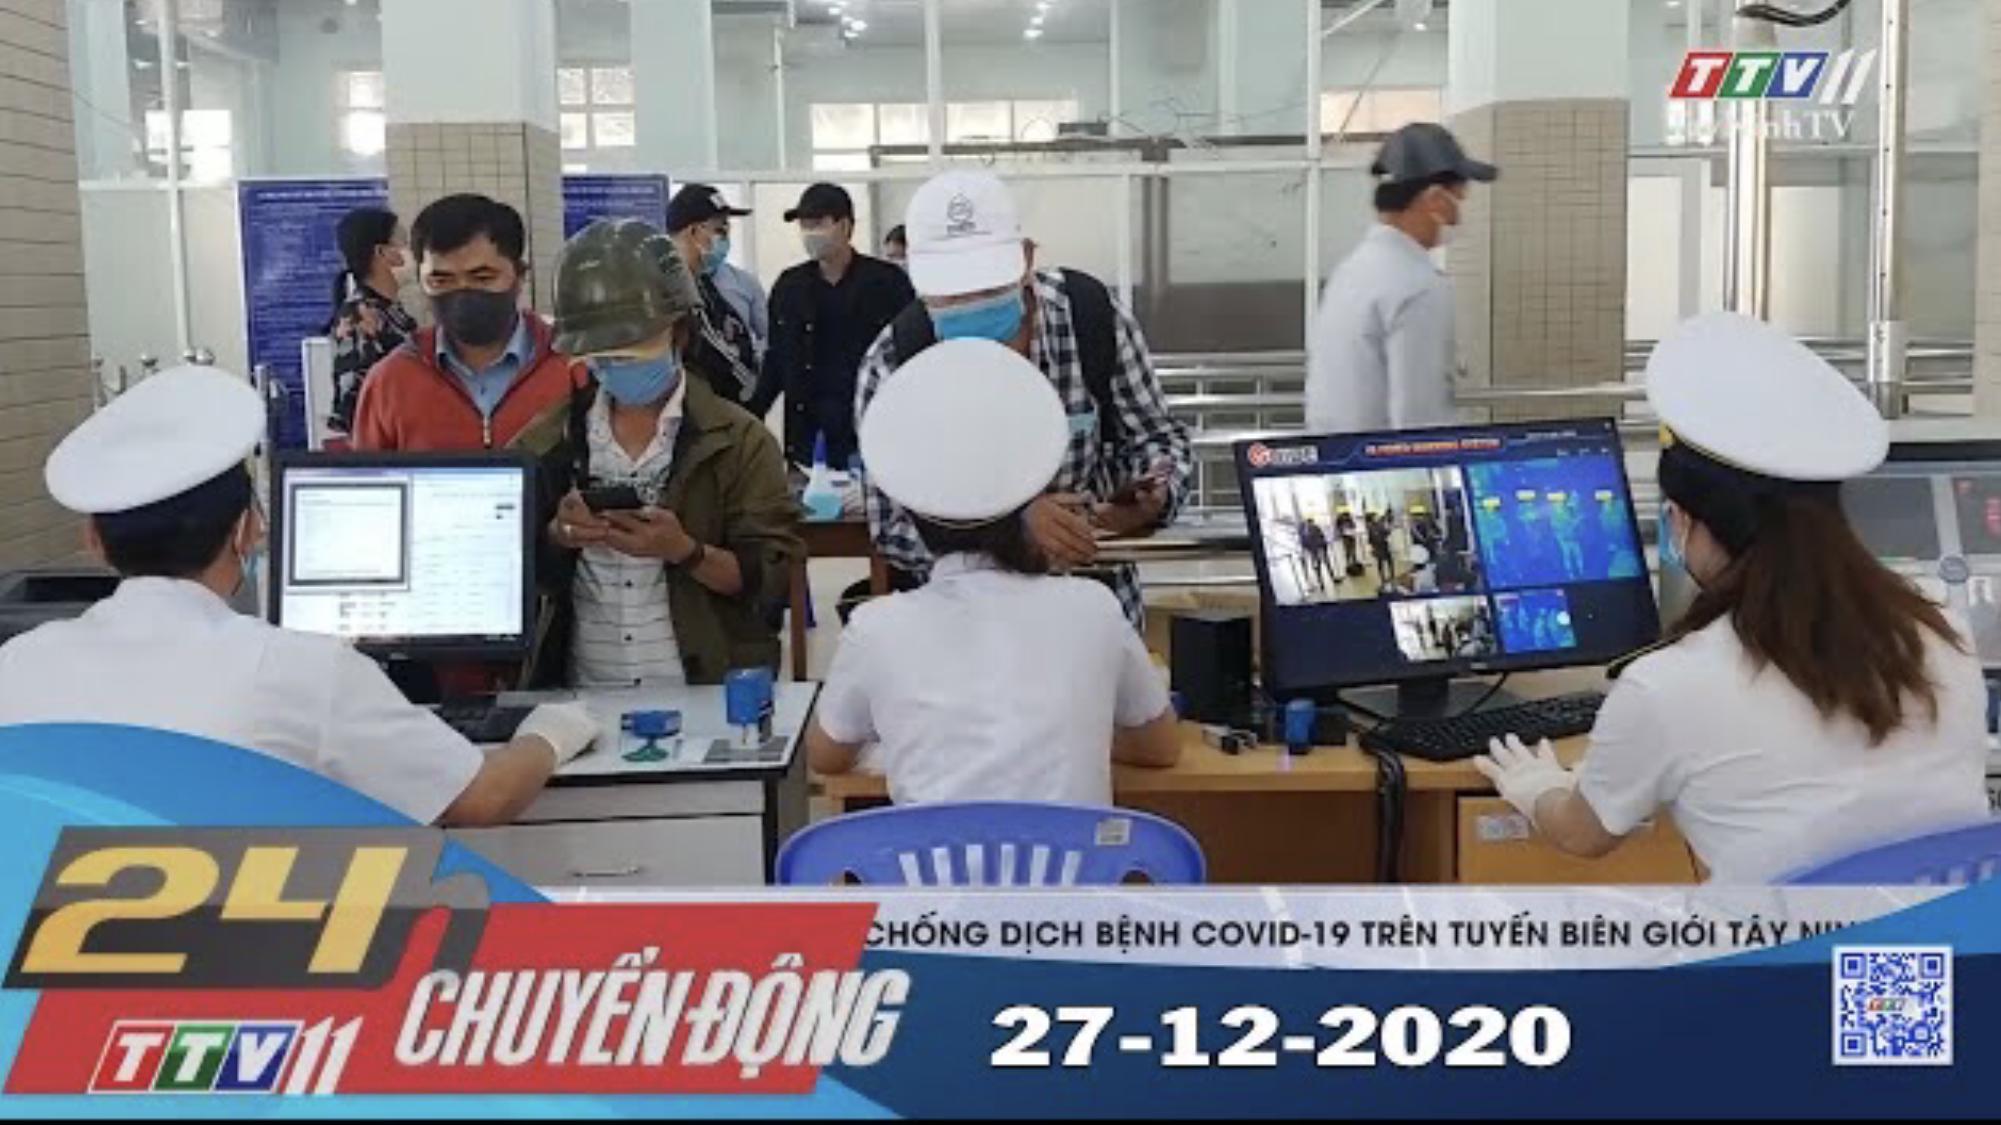 24h Chuyển động 27-12-2020 | Tin tức hôm nay | TayNinhTV